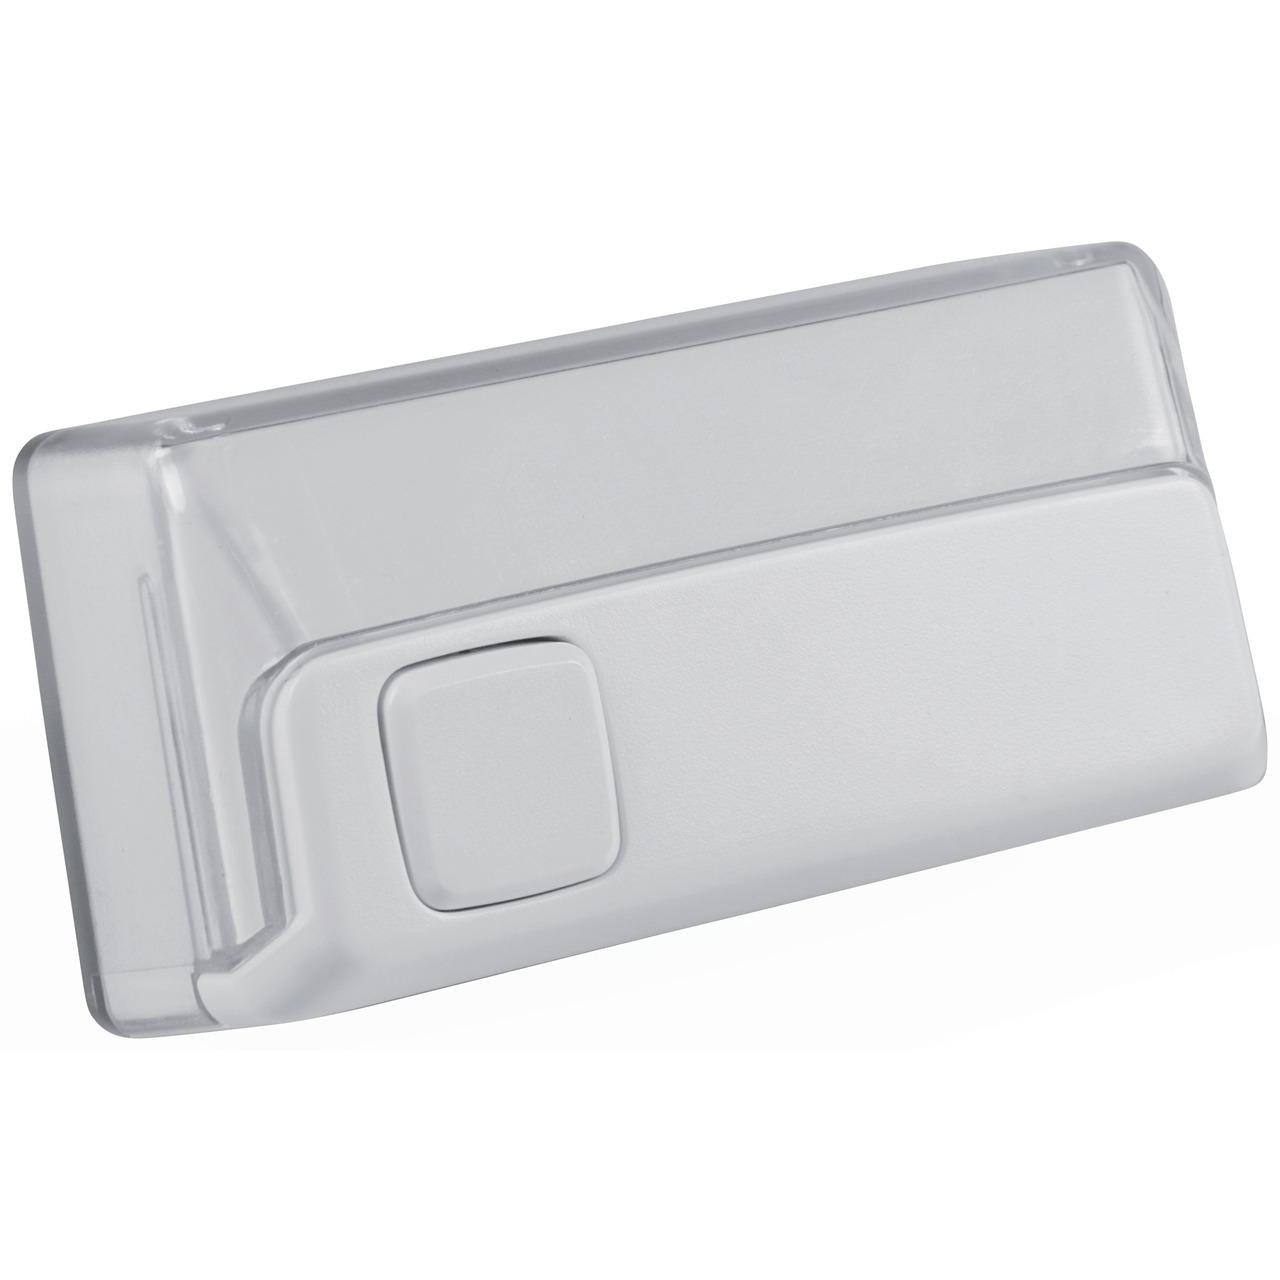 Image of ELV Homematic IP ARR-Bausatz Klingeltaster, HmIP-DBB, für Smart Home / Hausautomation